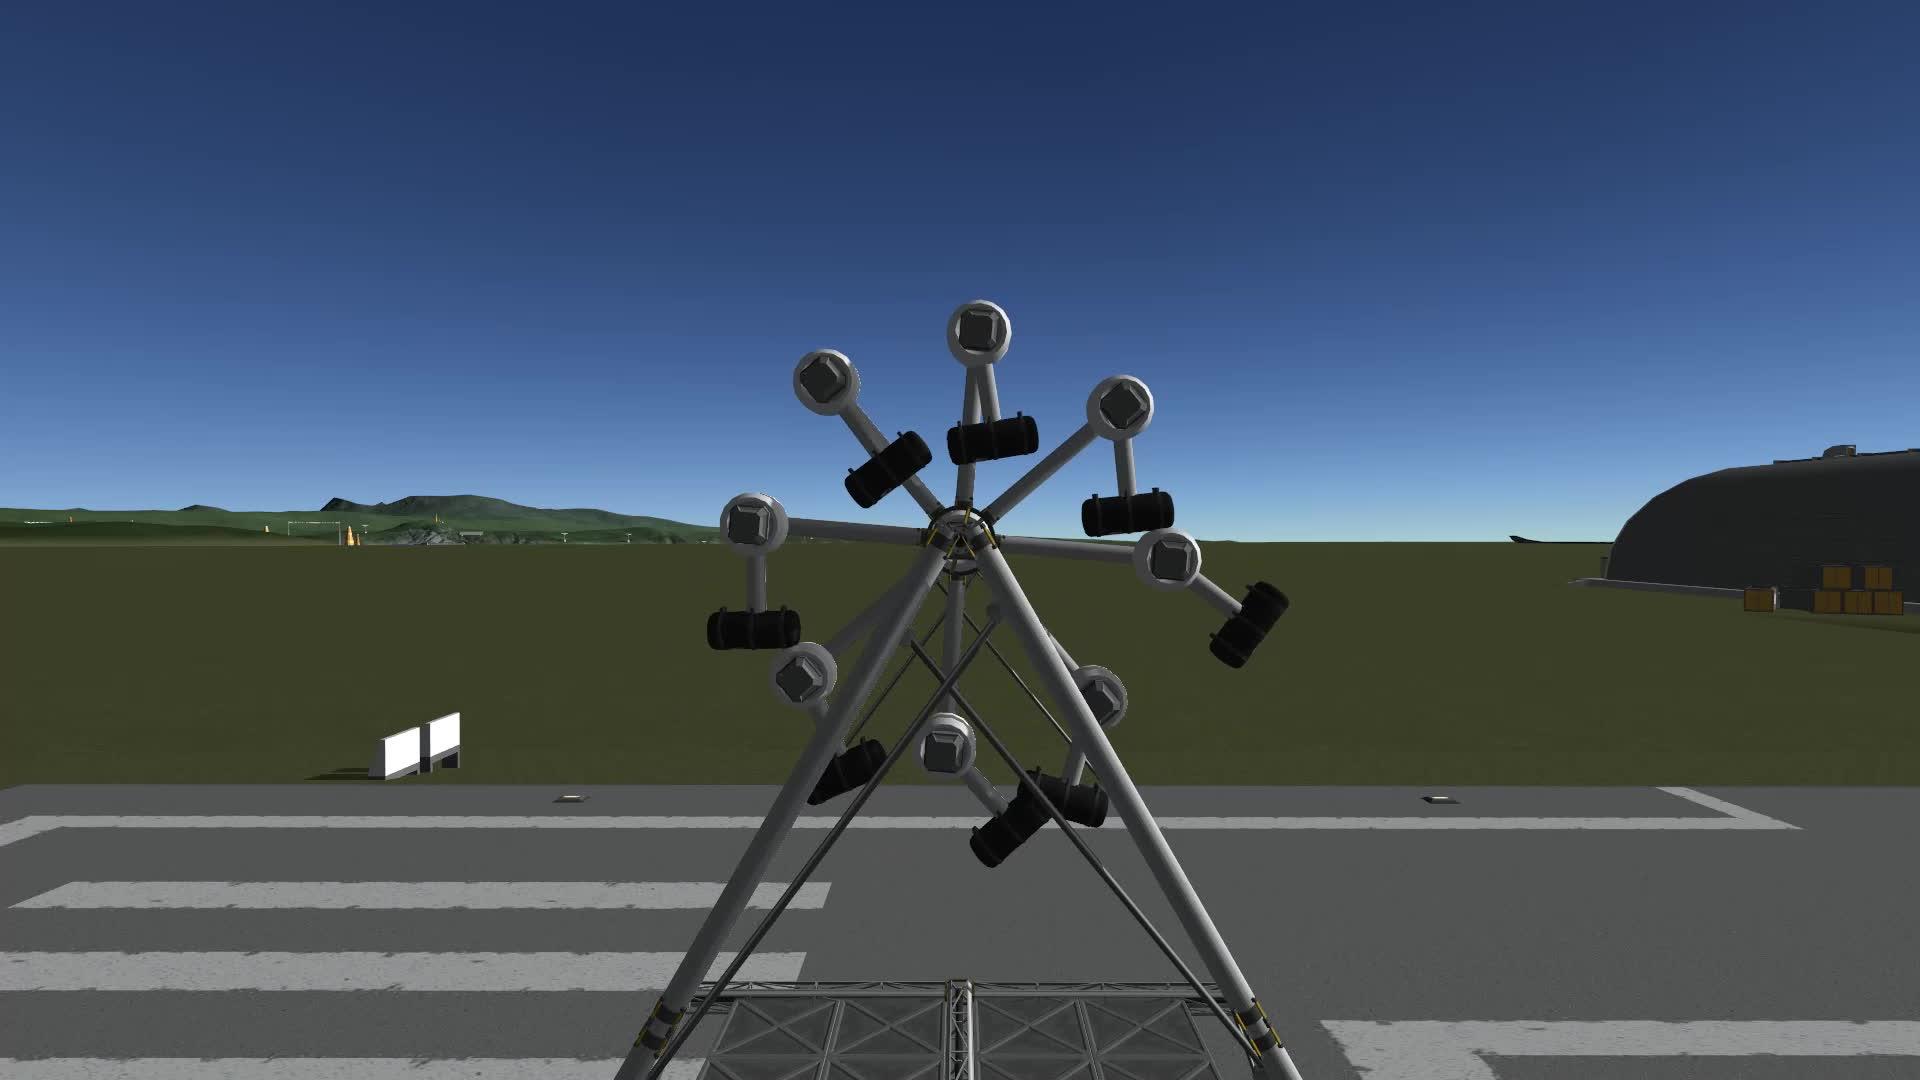 jatwaa, kerbalspaceprogram, perpetualmotion, Kerbal Space Program Perpetual Motion GIFs